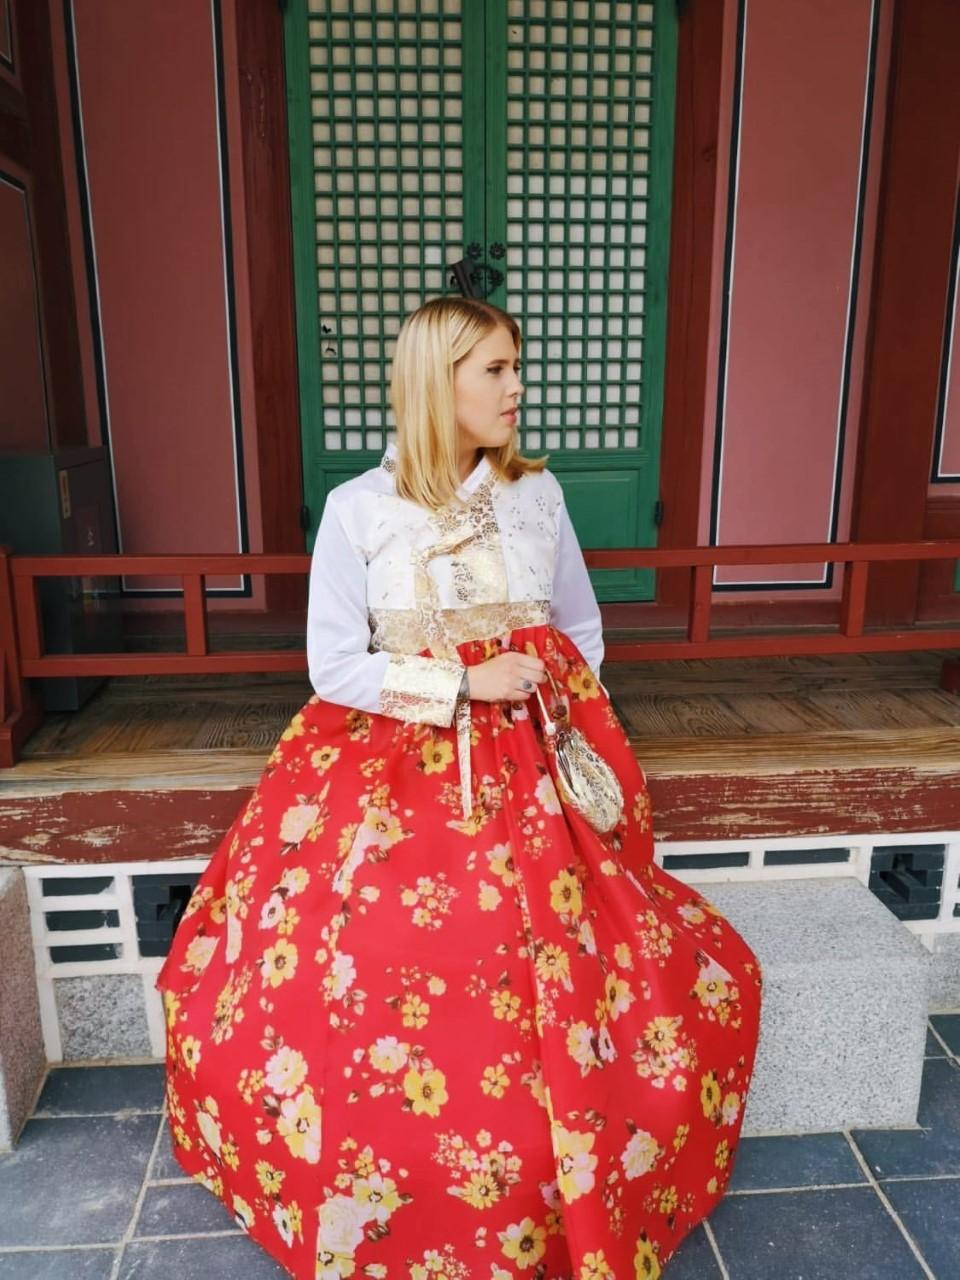 Peppi Wallinkoski istuu rakennuksen edessä, hän on vierailemassa Gyeongbokgungin palatsissa päällään korealainen kansallispuku, Hanbok.